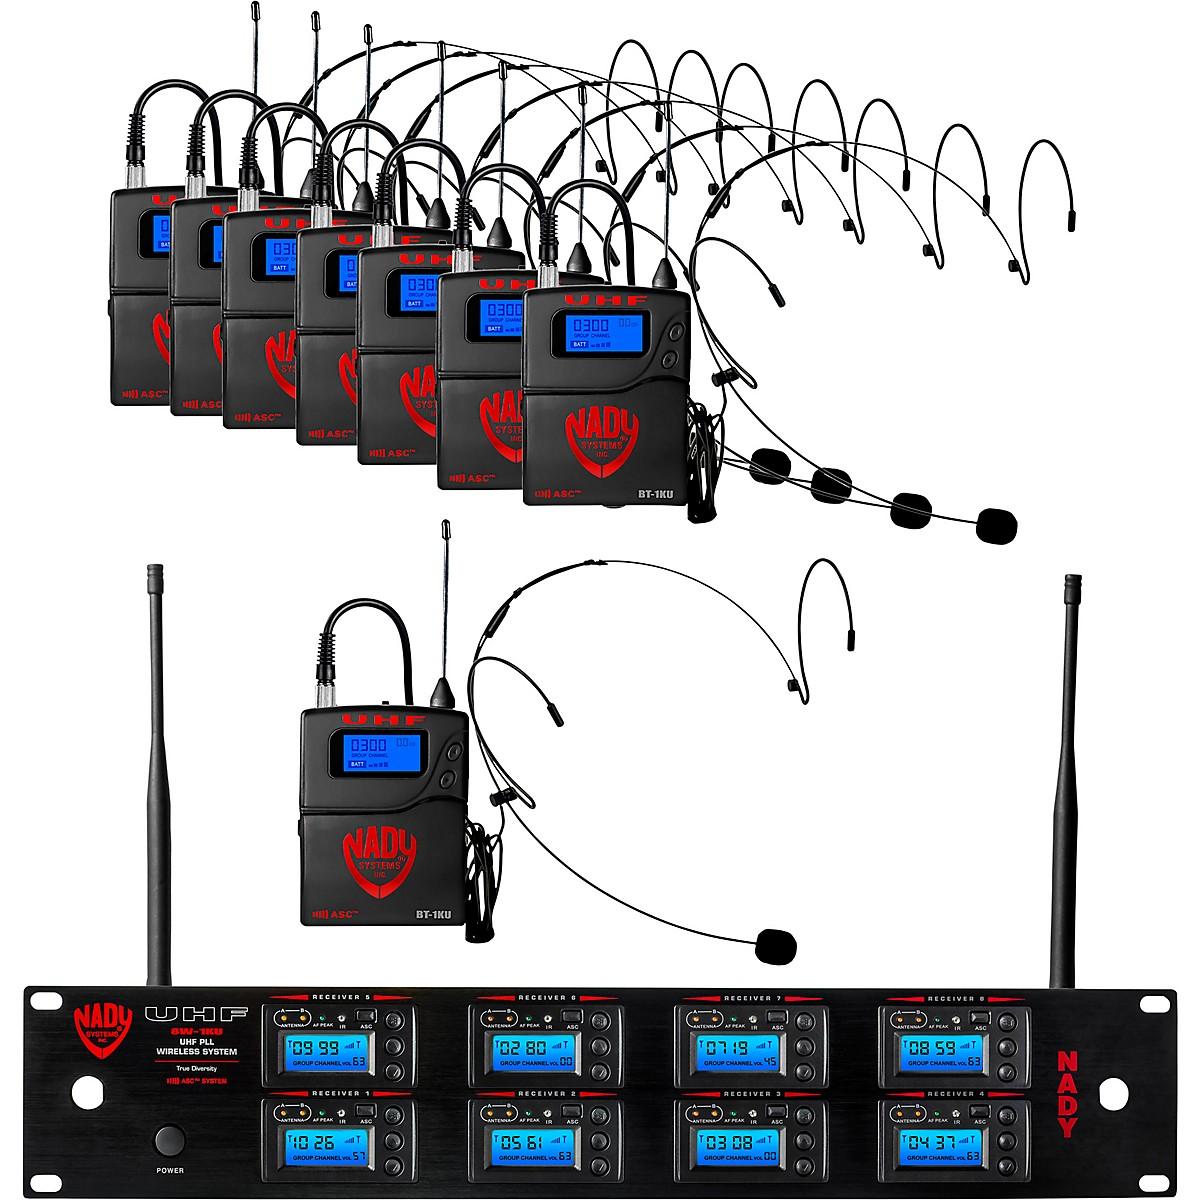 Nady Nady 8W-1KU Eight 1000-Channel Headset Wireless System, Black